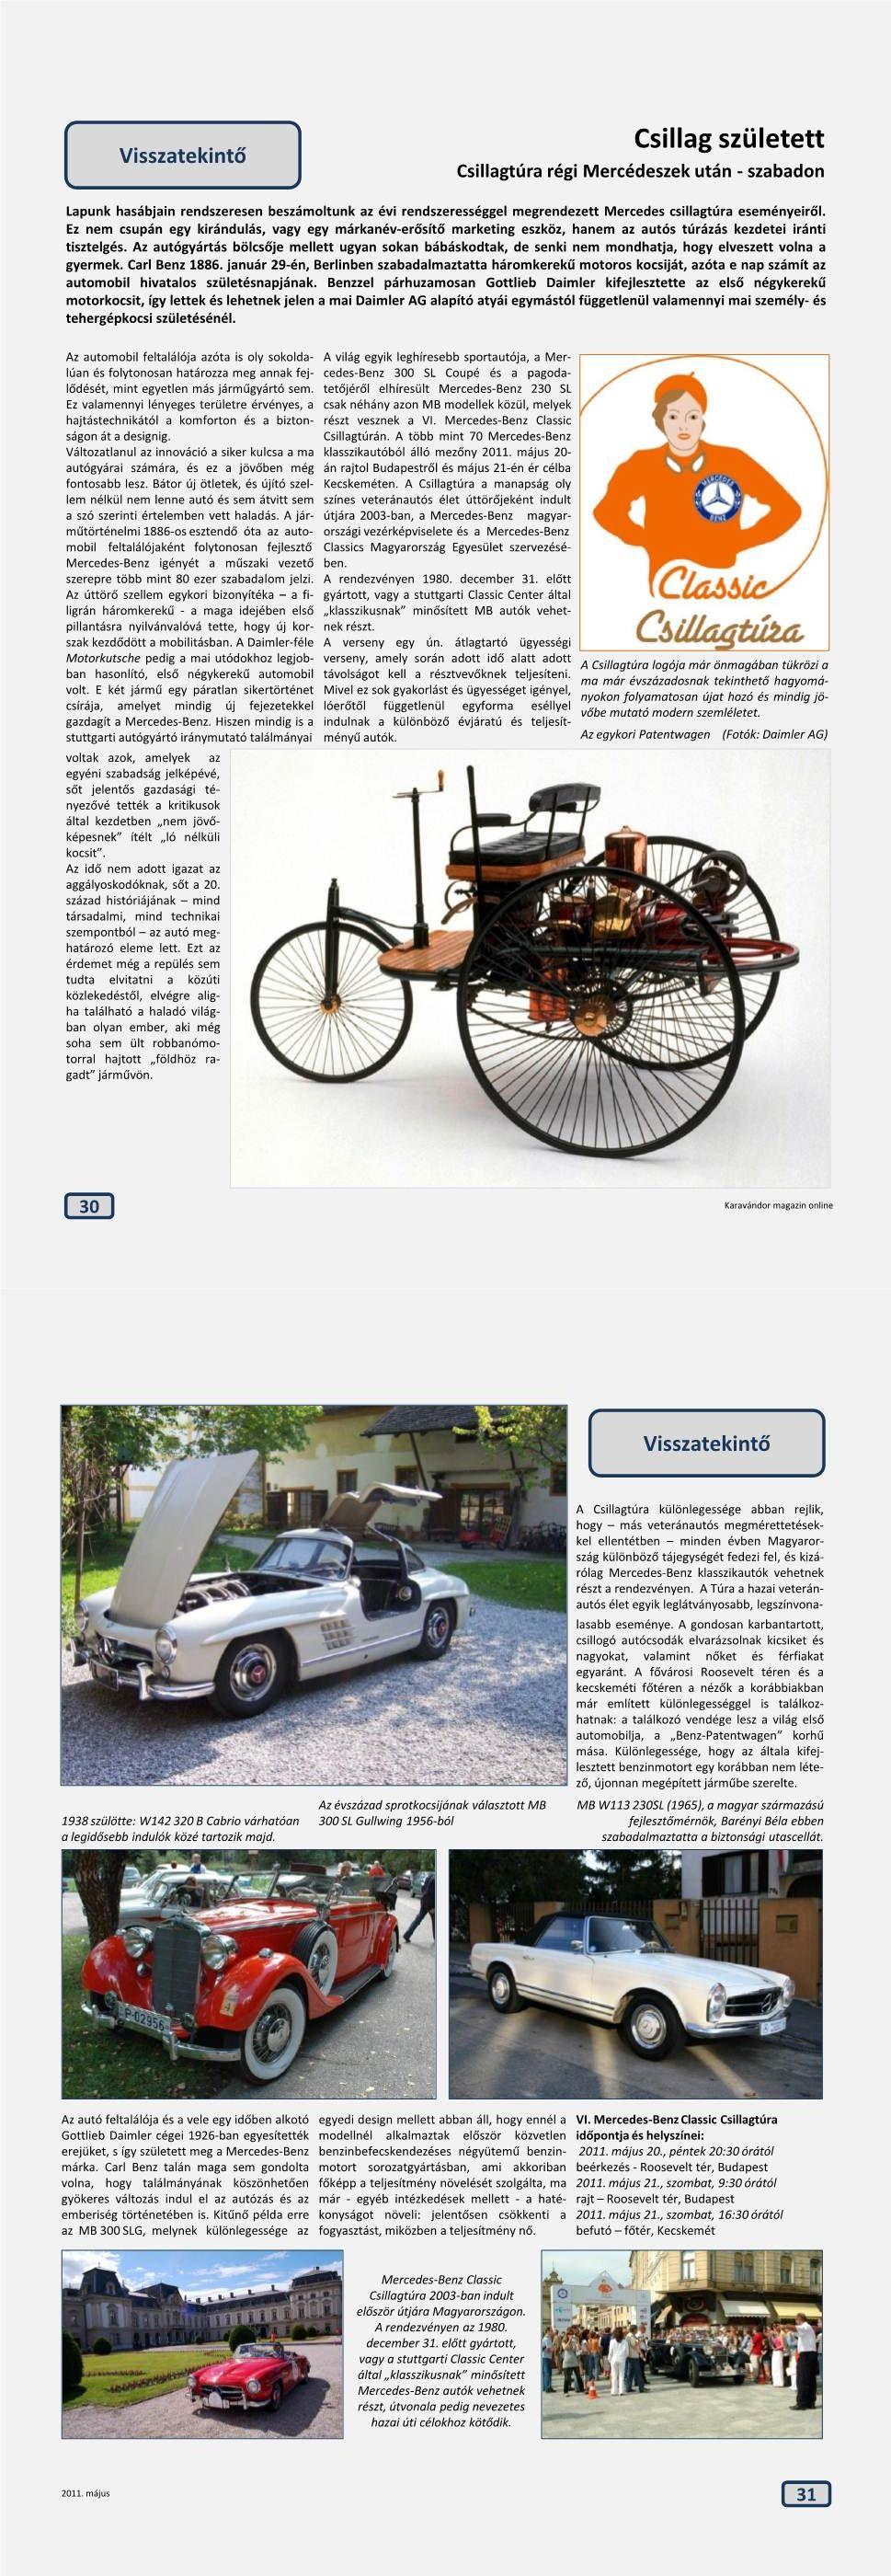 Visszatekintő - Mercedes csillagtúra